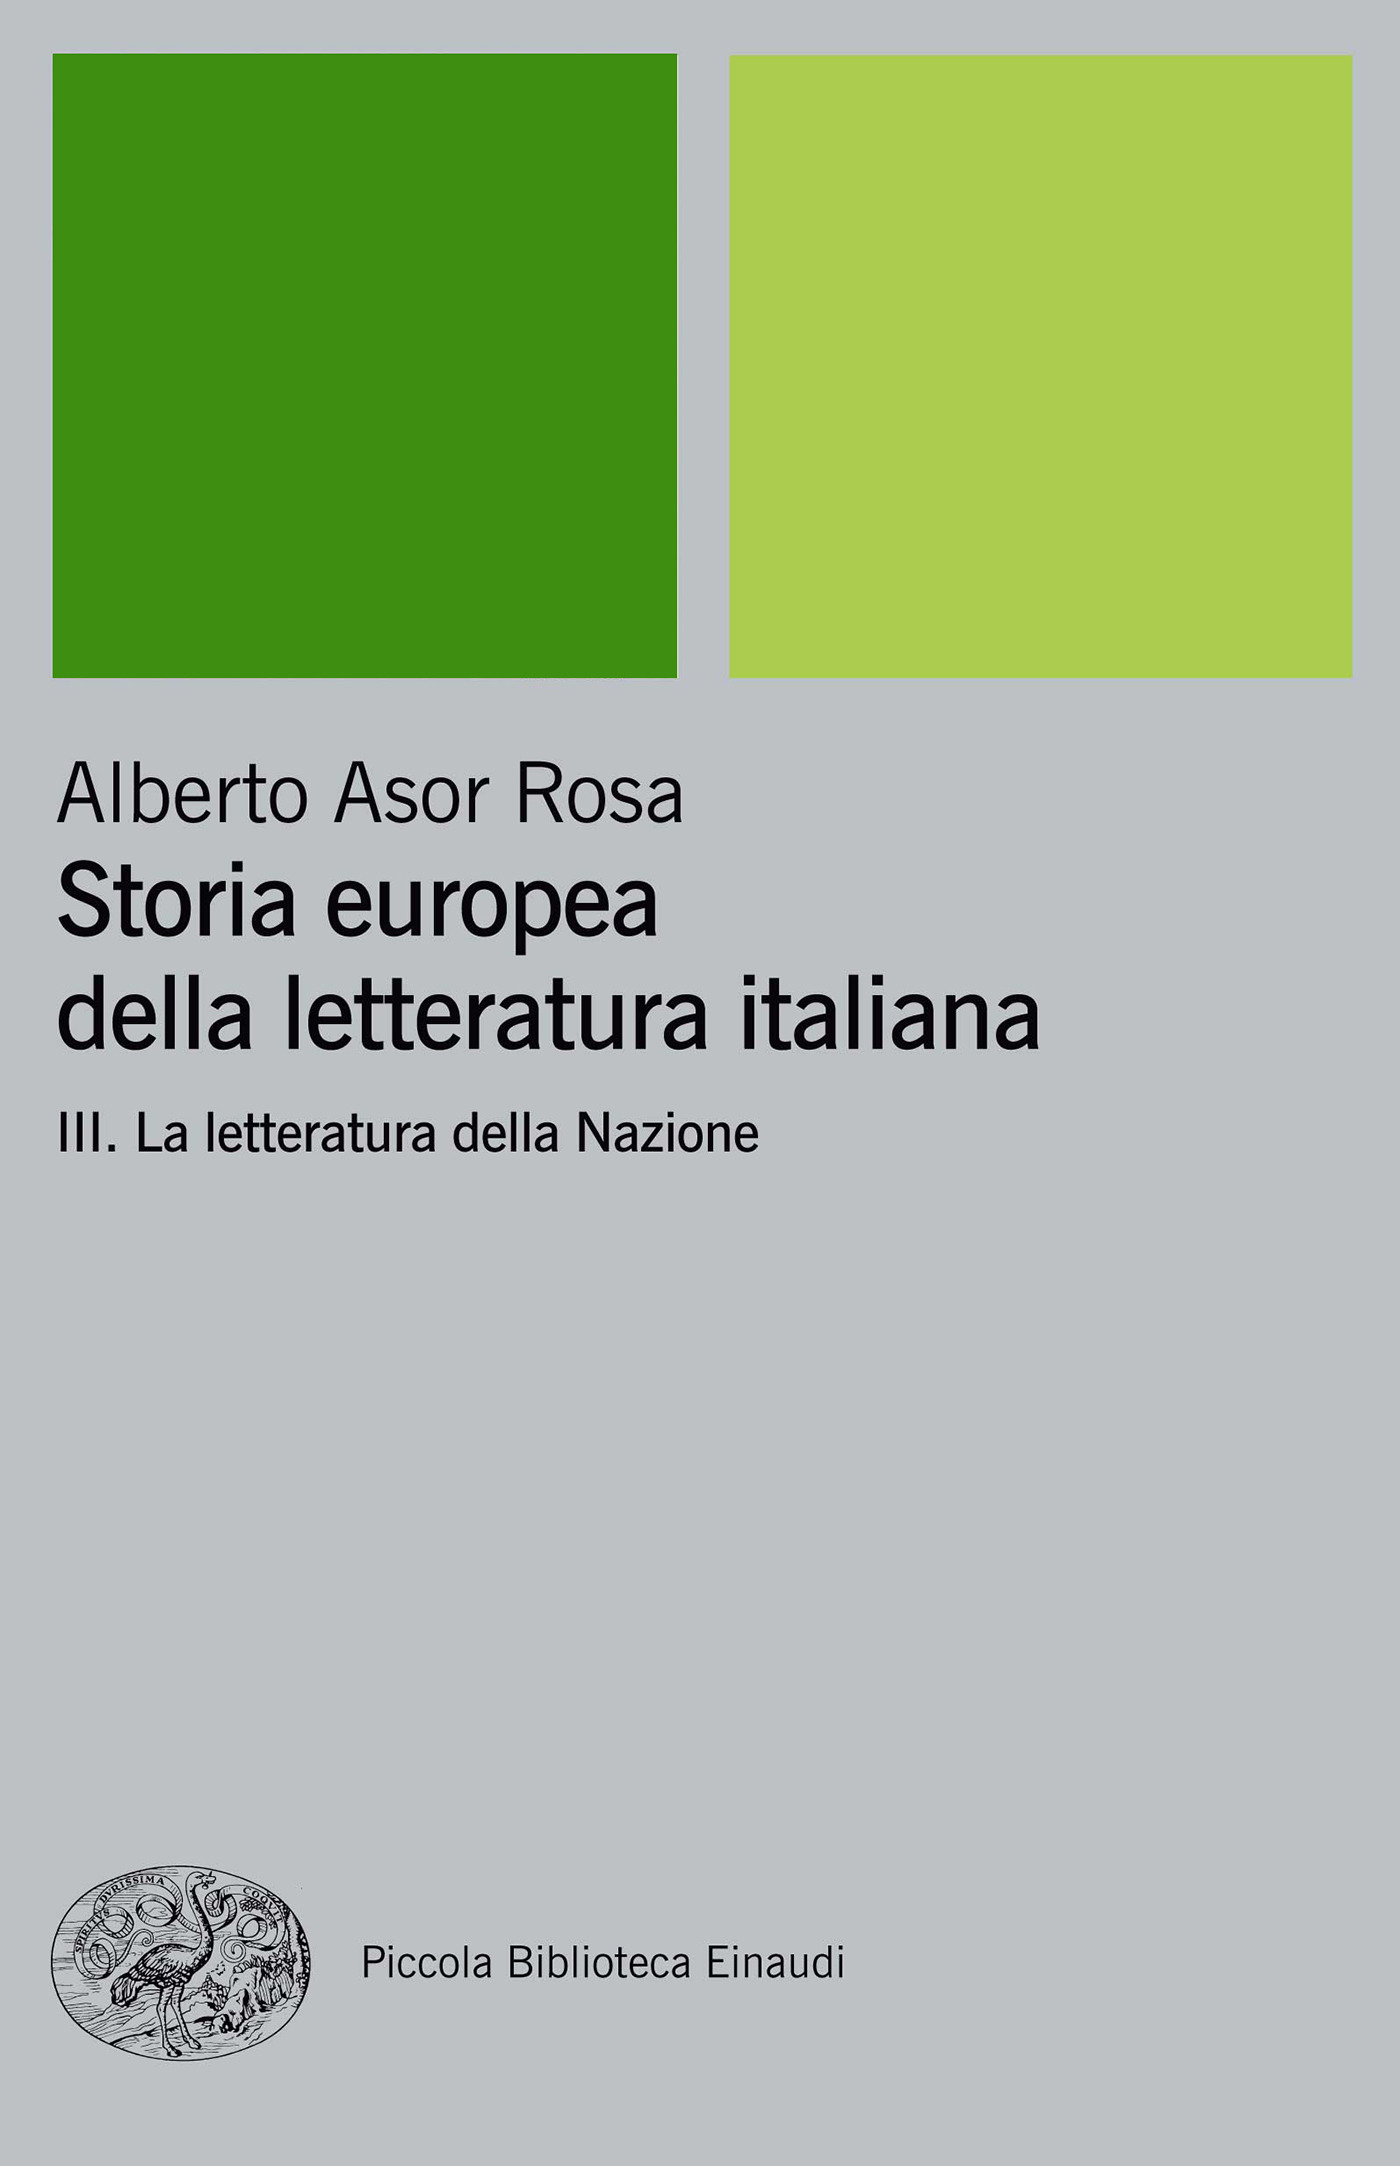 Storia europea della letteratura italiana vol. 3